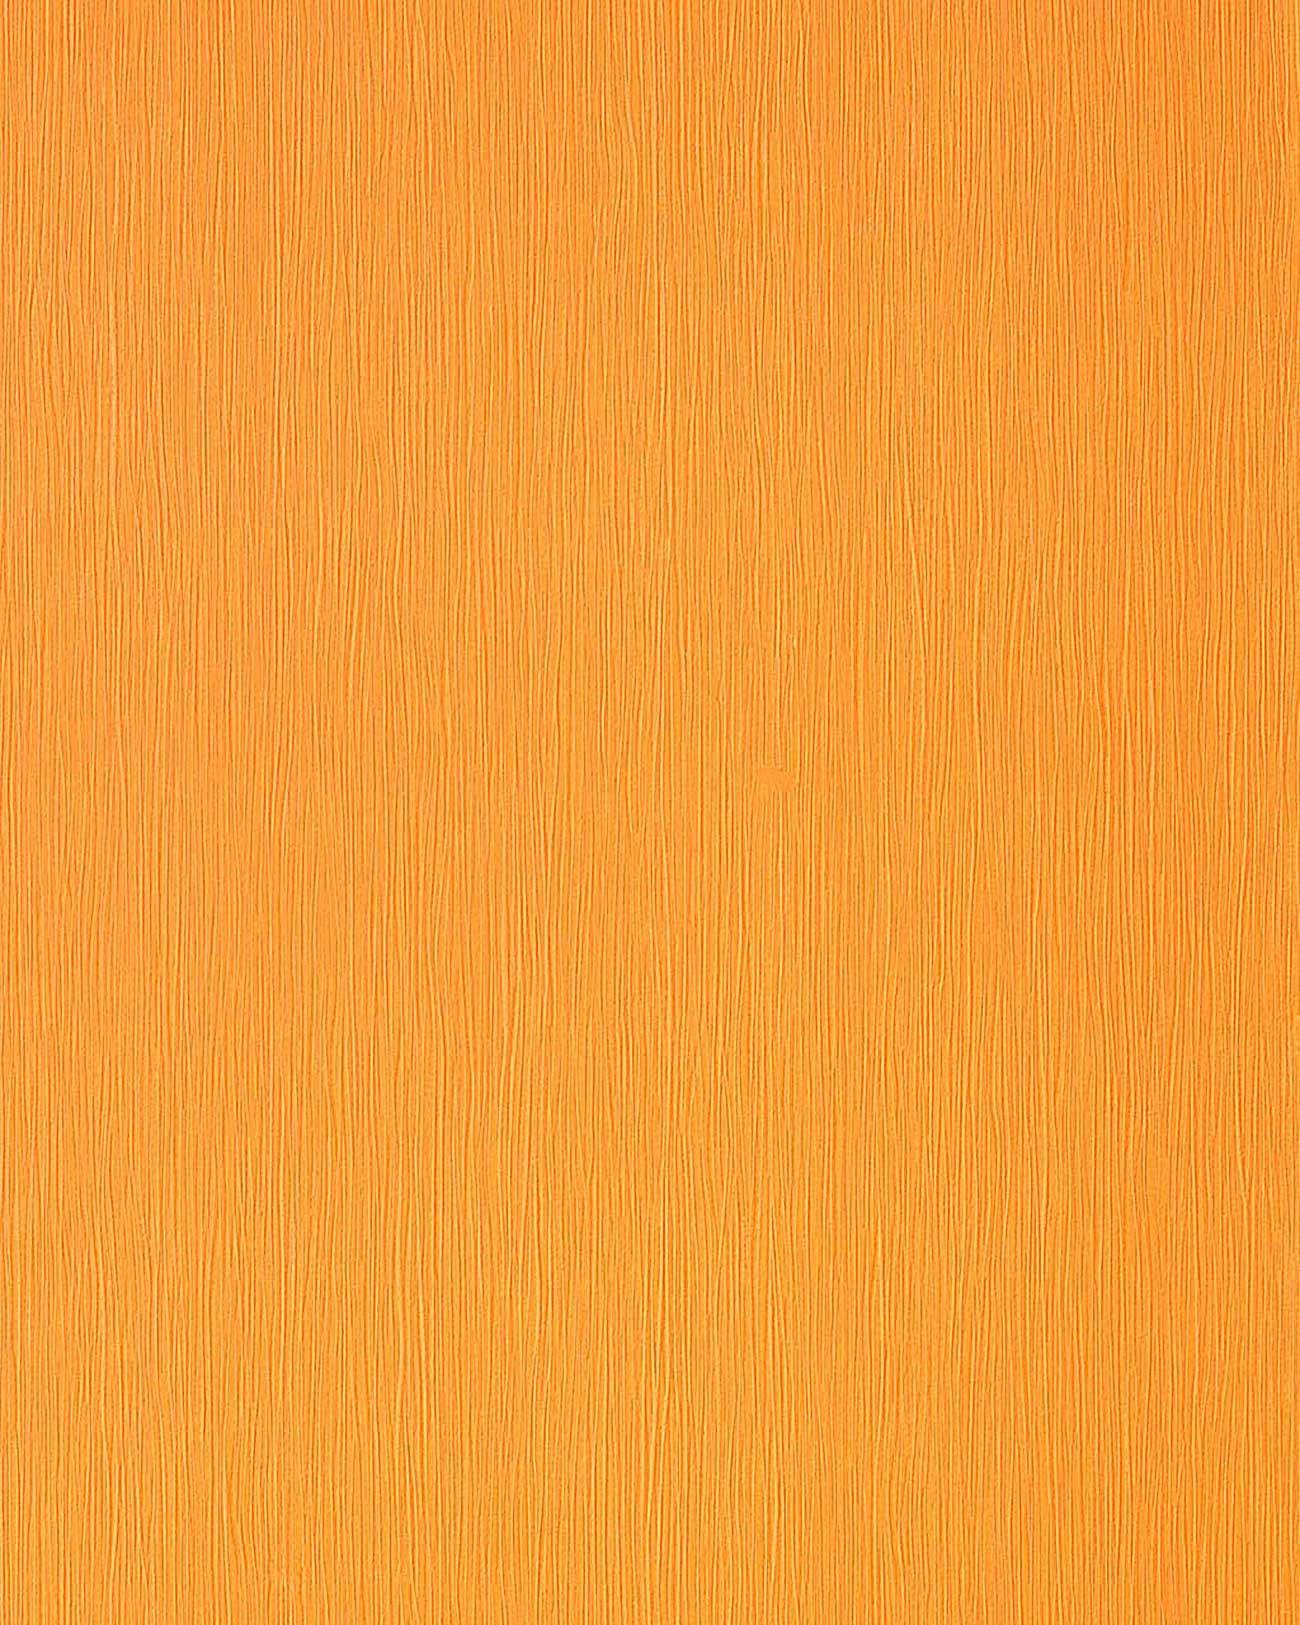 Uni Tapete Edem 118 21 Tapete Gestreift Vinyltapete Gute Laune Farbe